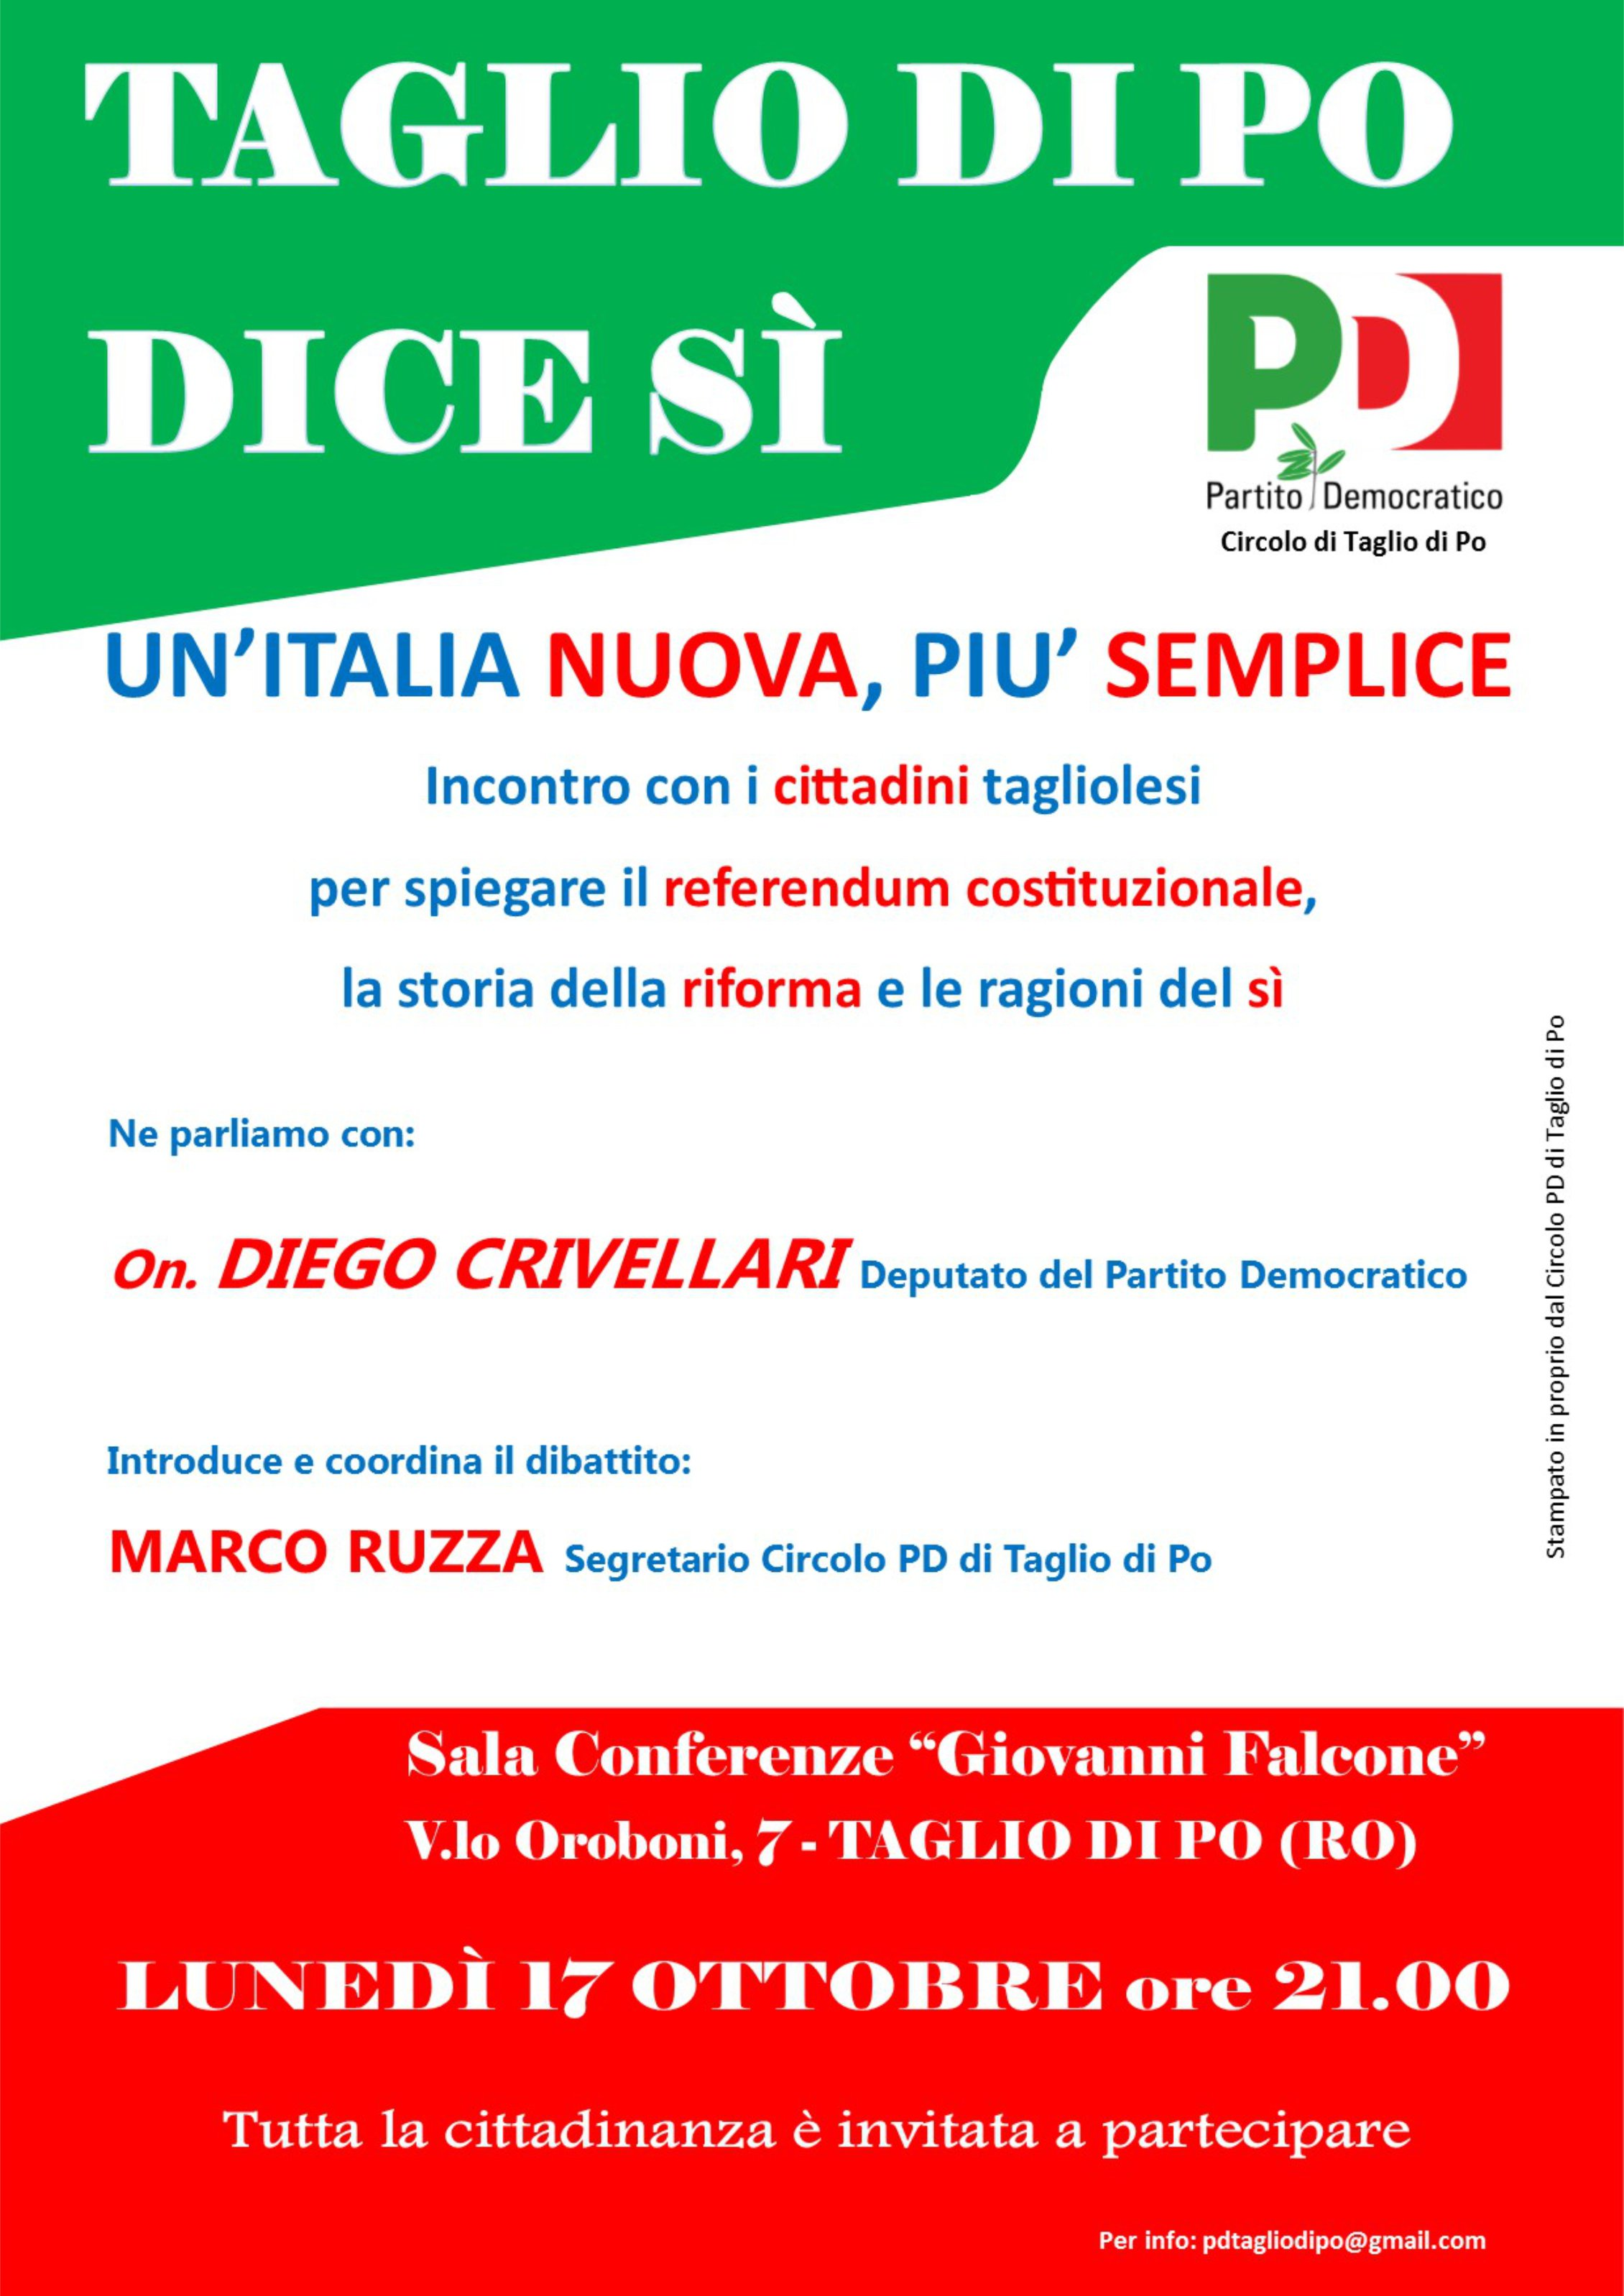 Taglio di Po Lunedì 17 ottobre serata sul Referendum Costituzionale